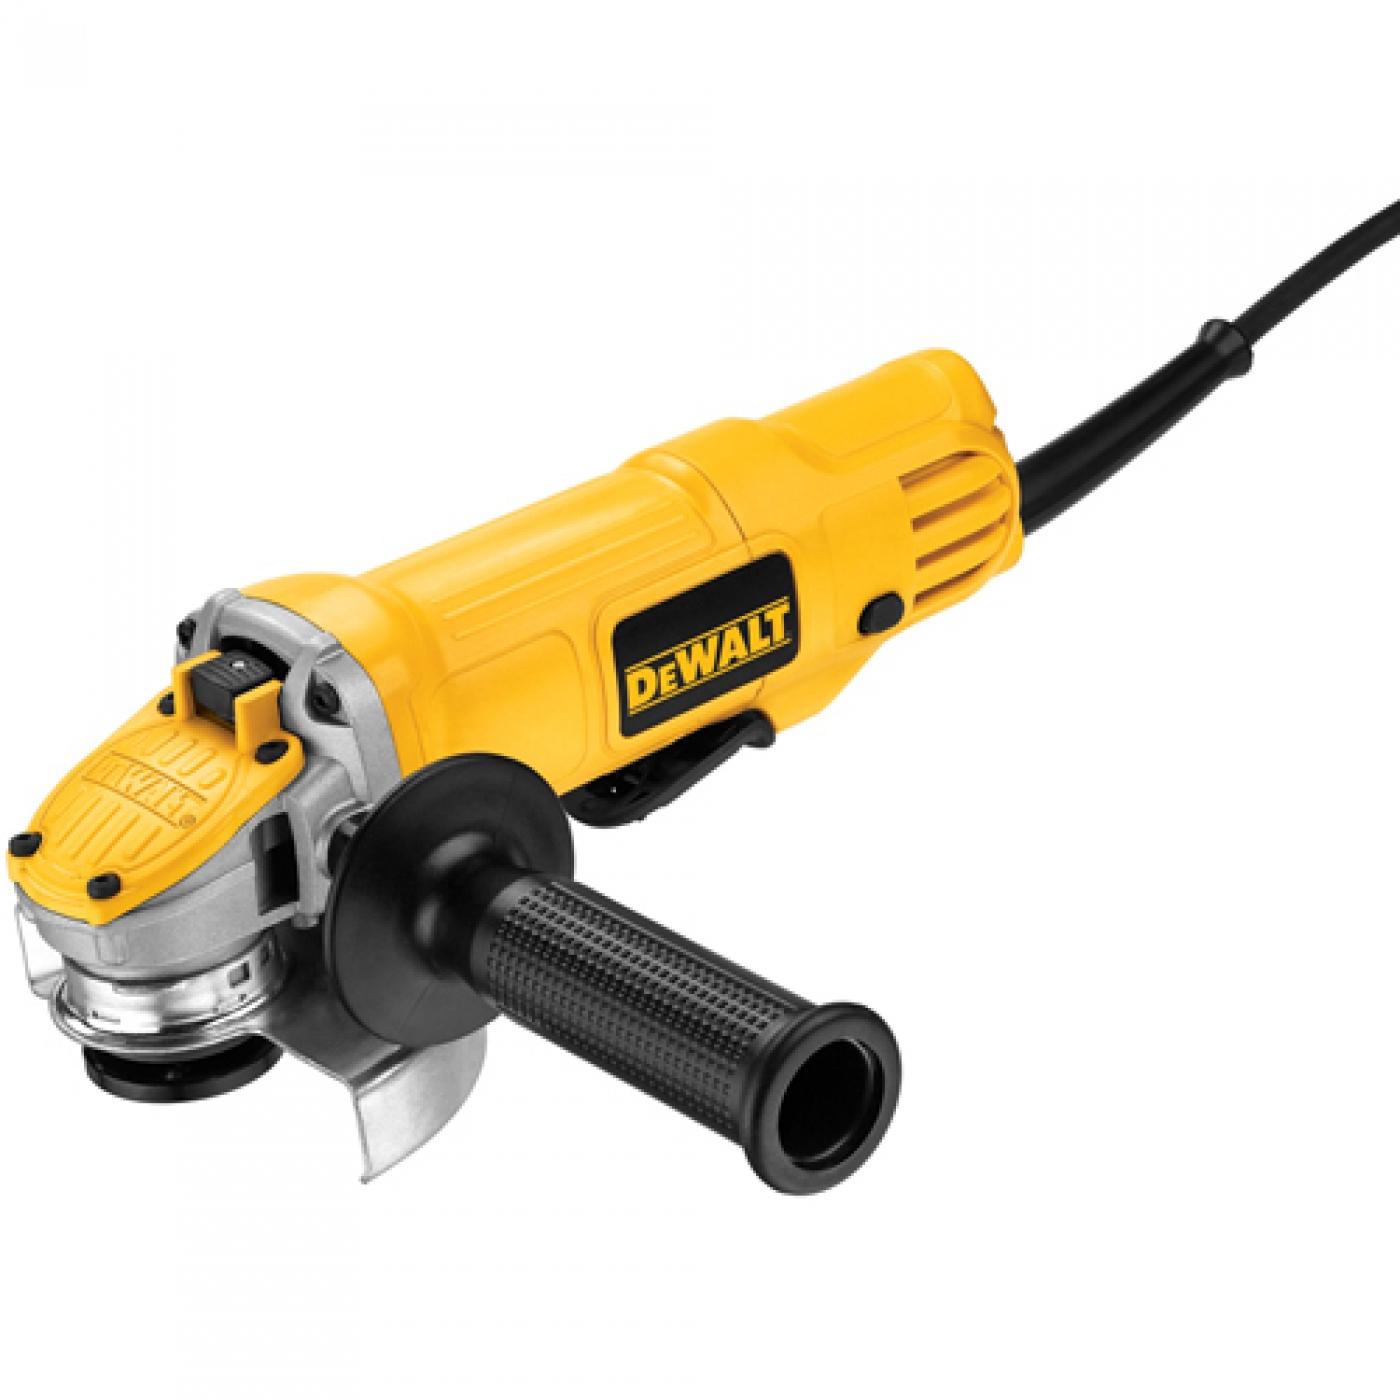 DeWALT DWE4212-B4 - 115mm Small Angle Grinder 1200W 110V